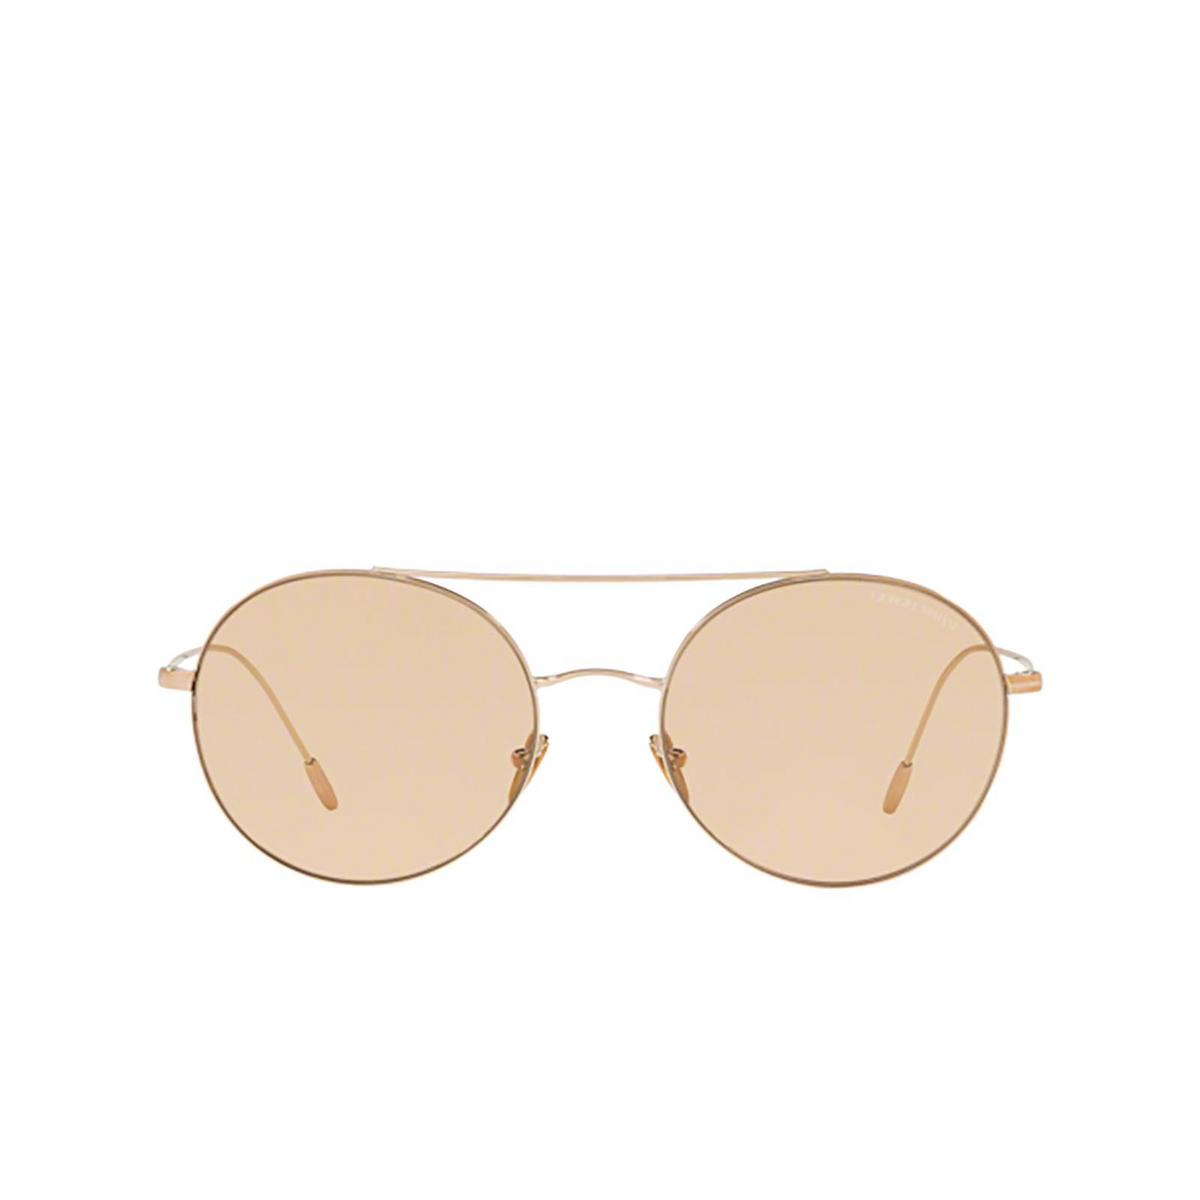 Giorgio Armani® Round Sunglasses: AR6050 color Bronze 301173 - front view.